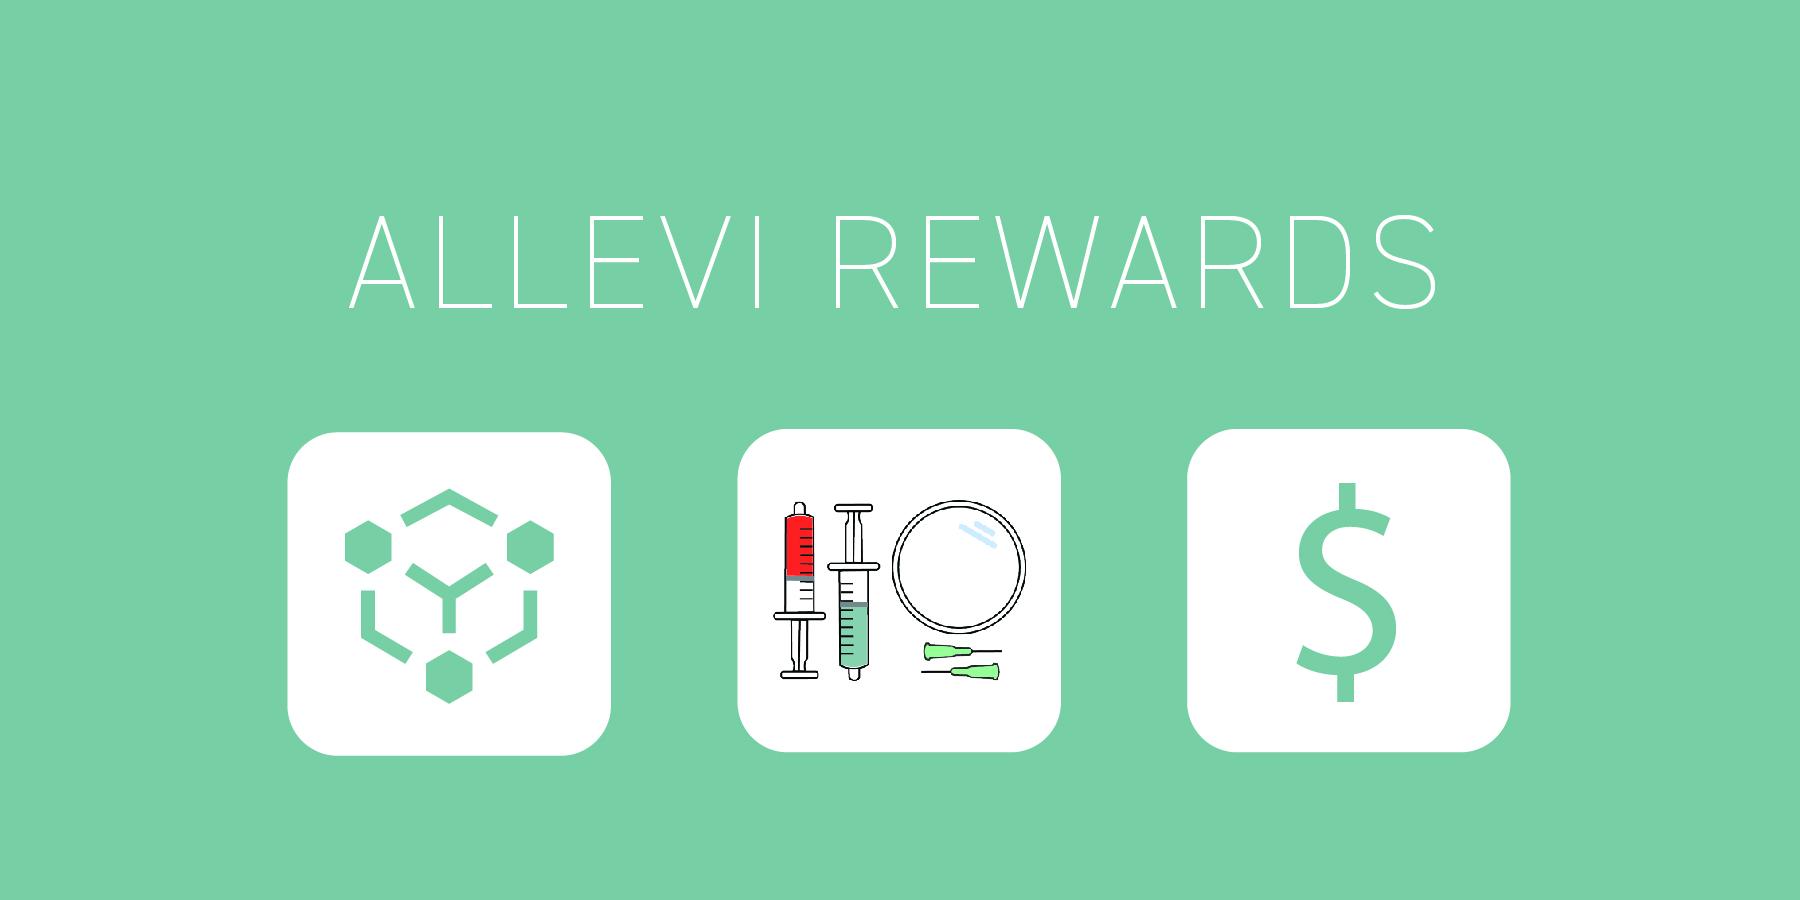 ALlevi rewards.jpg